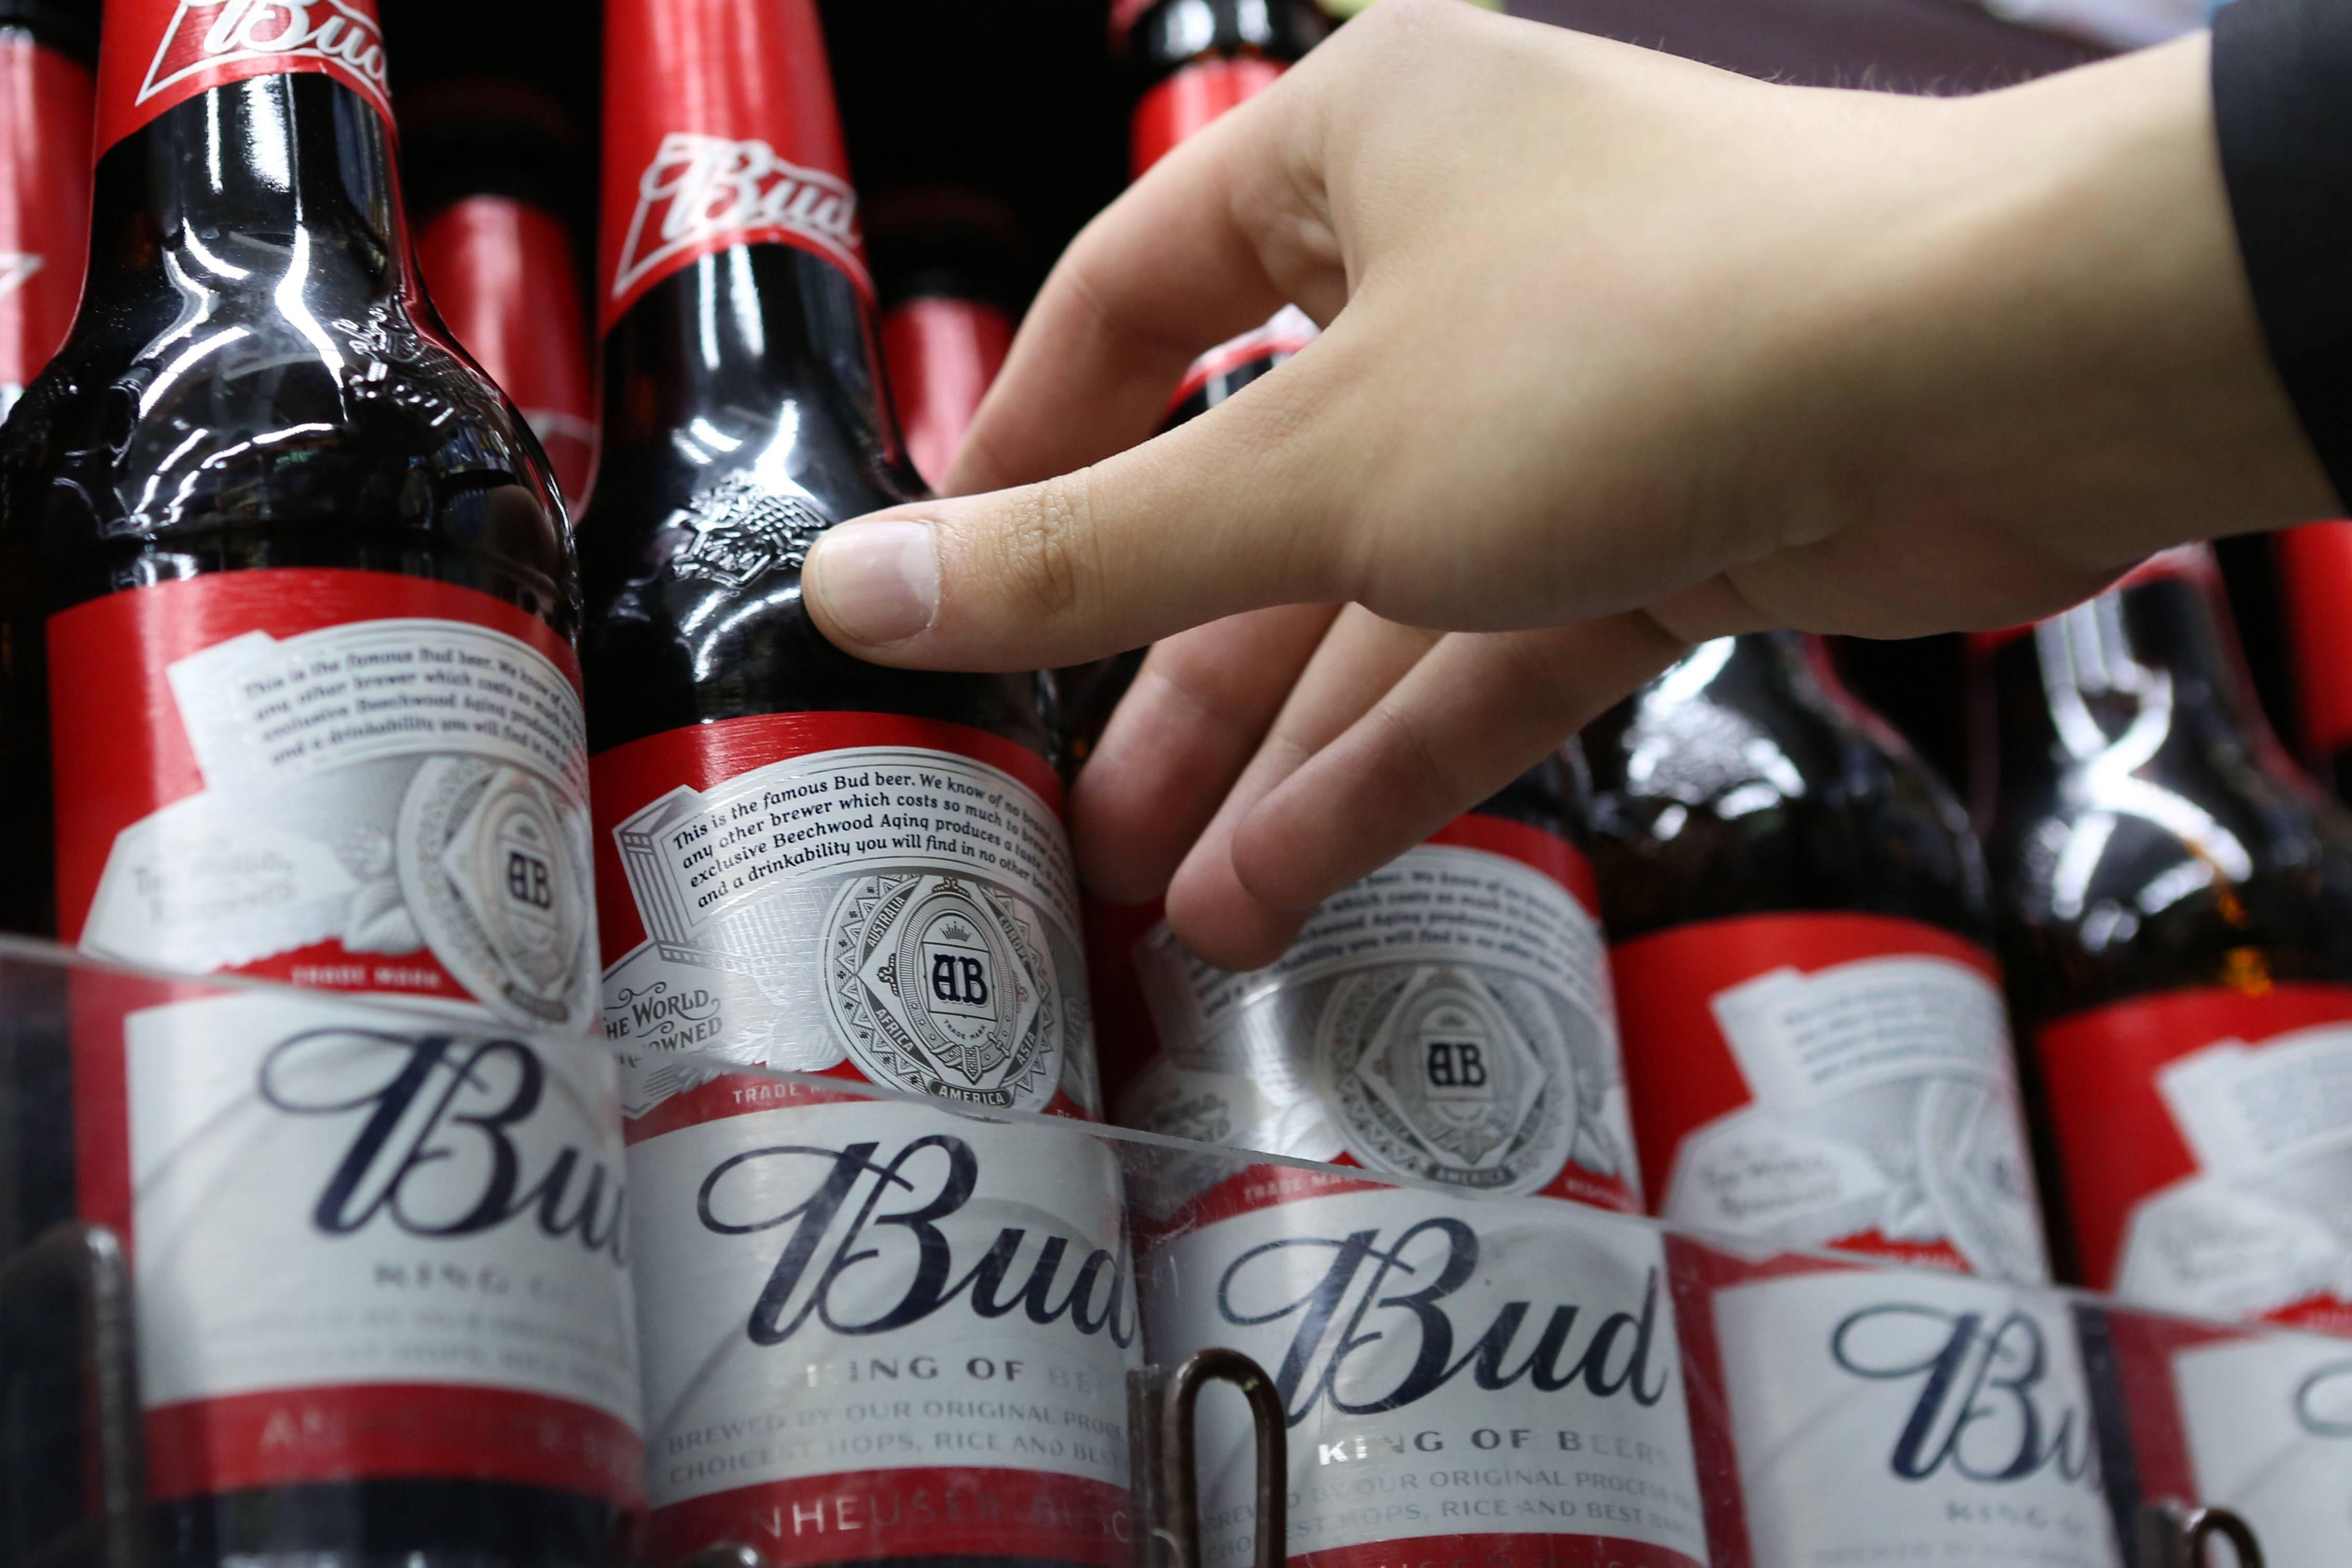 Пиво бад (bud): вкусовые особенности, обзор линейки бренда - международная платформа для барменов inshaker